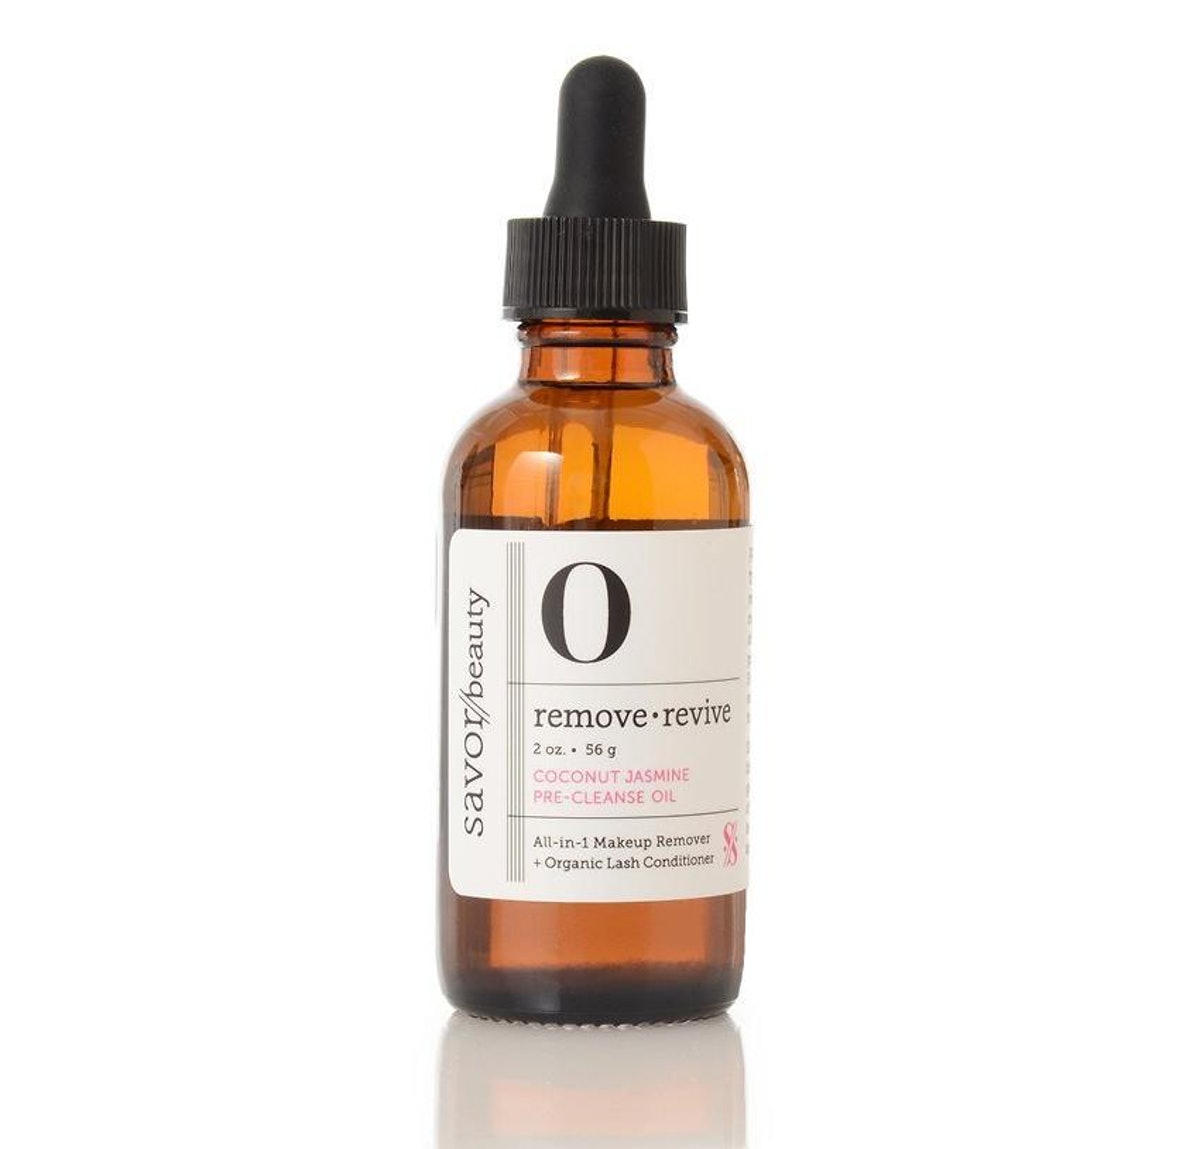 Organic Coconut Pre-Cleanse Oil